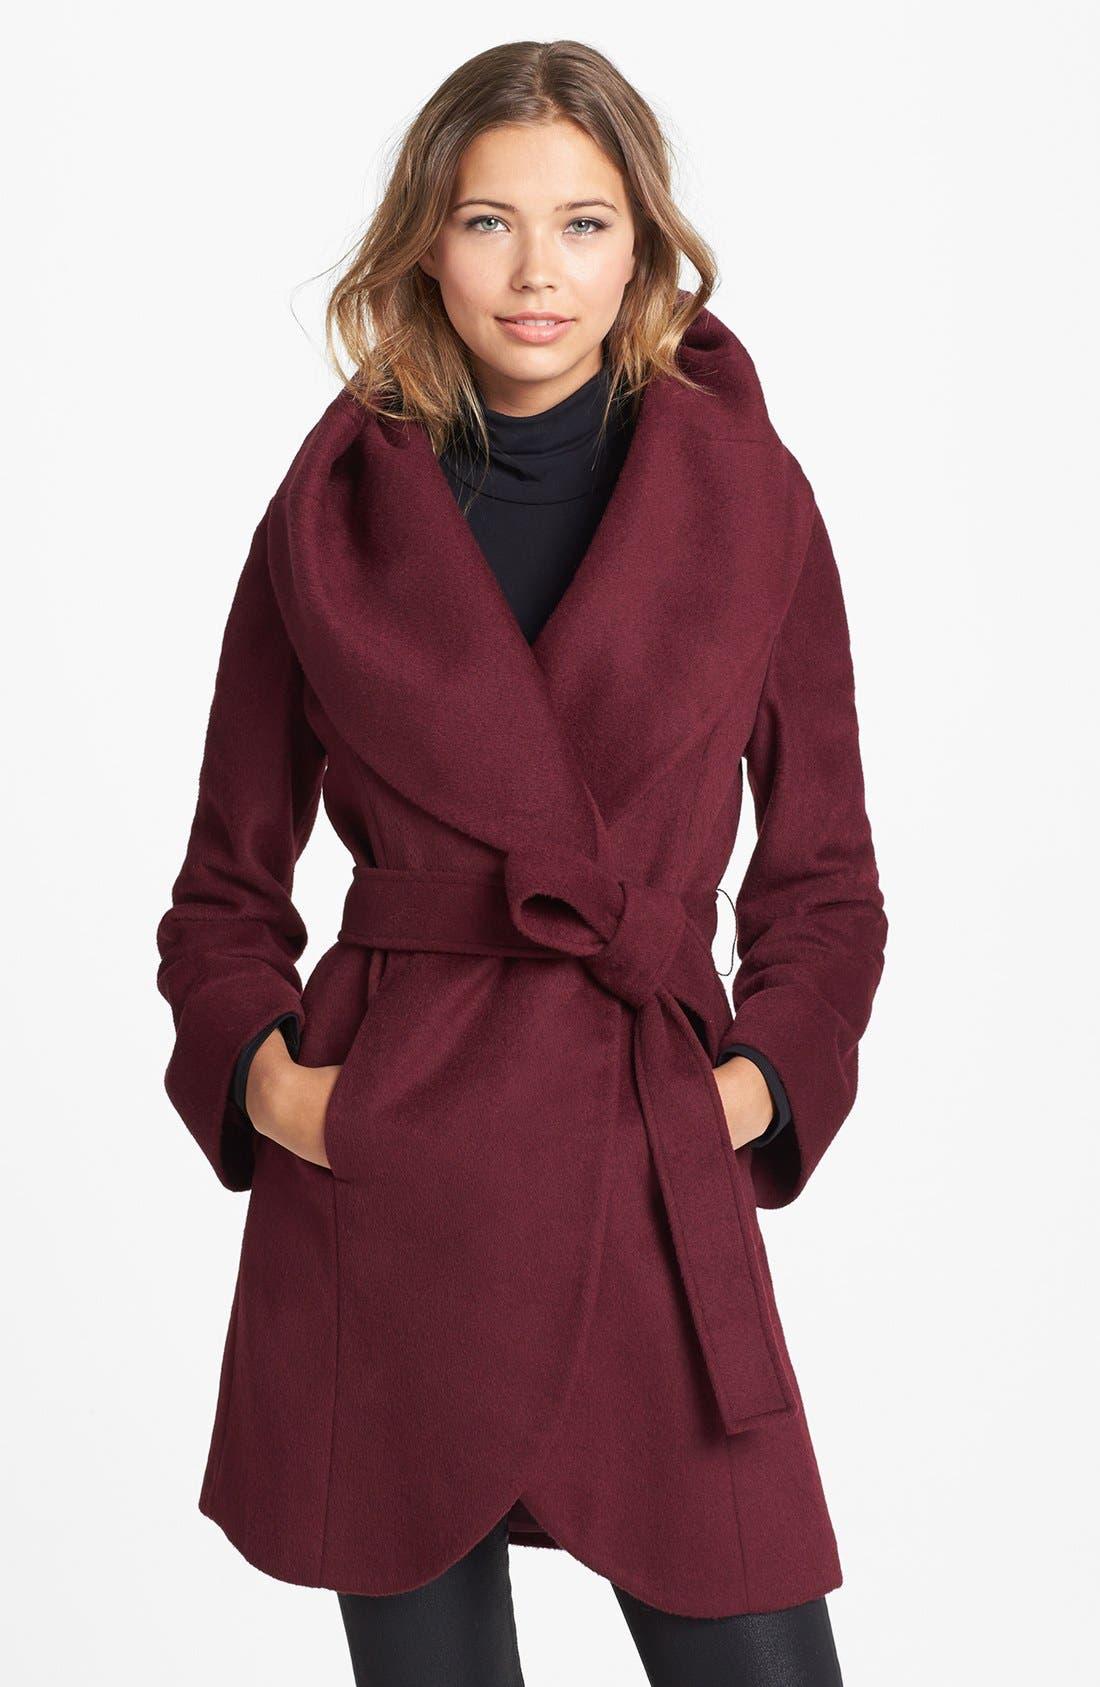 tahari marla cutaway wrap coat with oversized collar